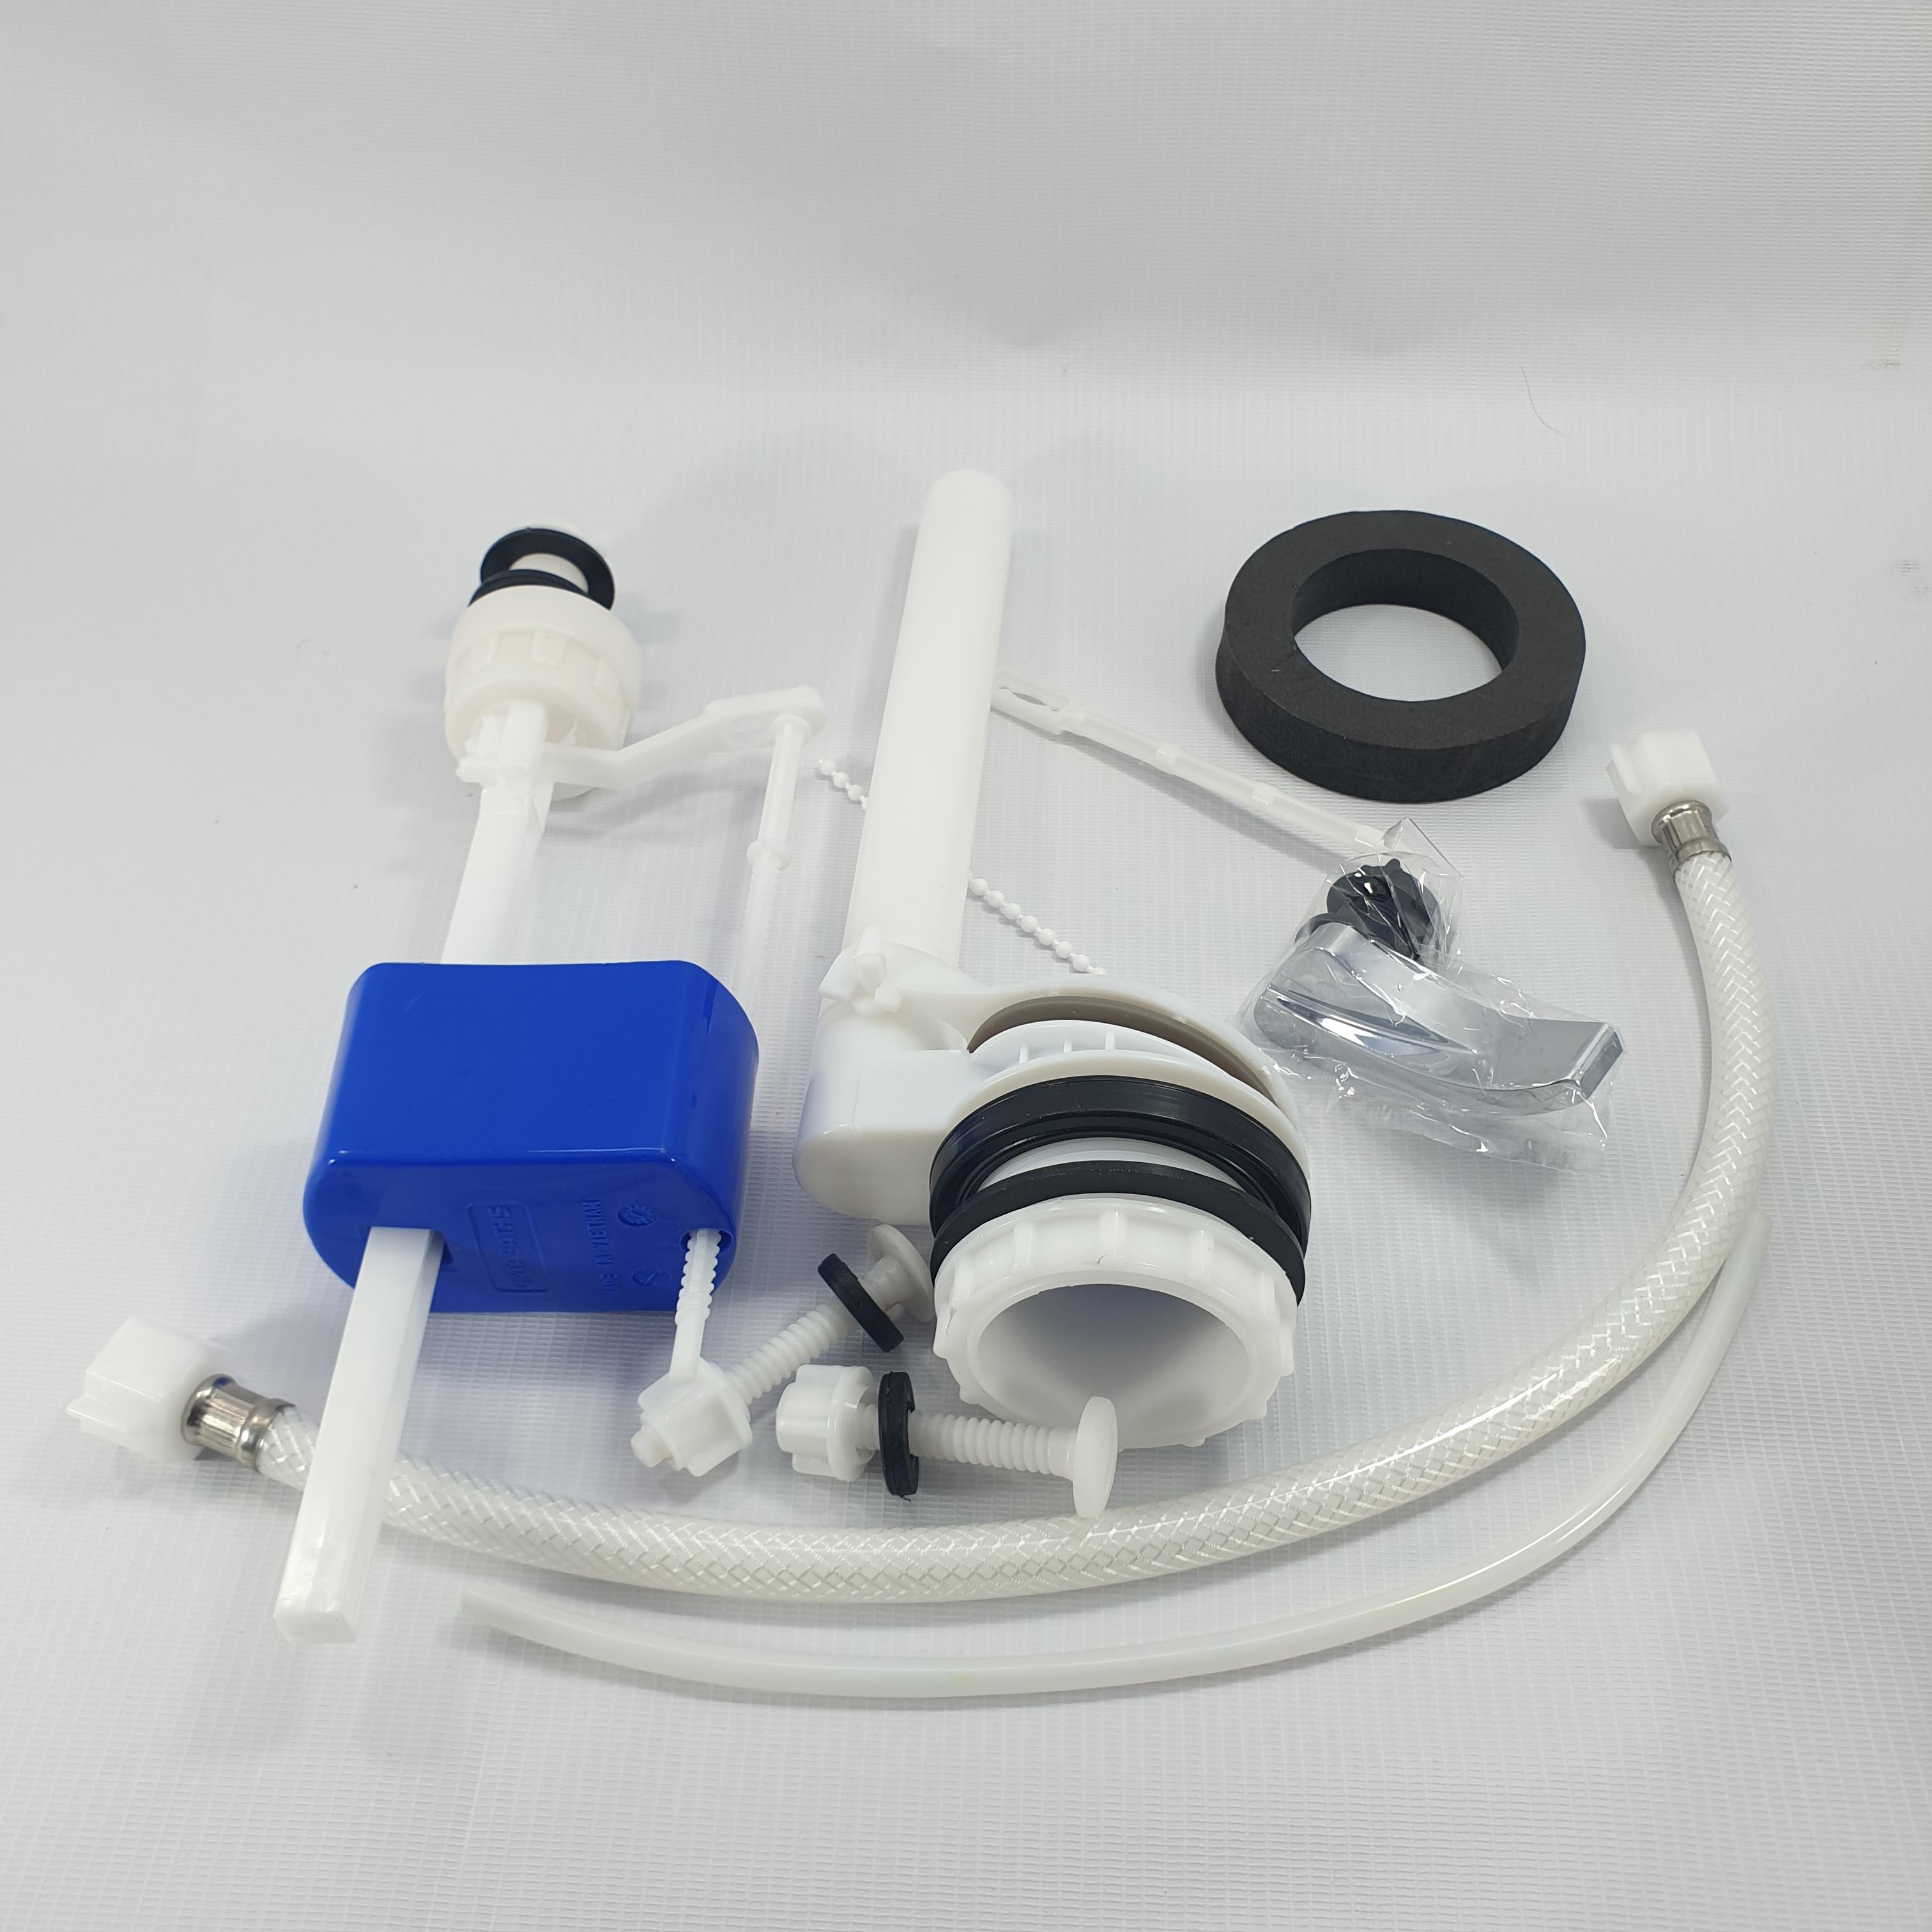 Bộ ruột xả gạt ngang thay thế cho bồn cầu, lắp mọi bồn cầu két rời - Nhựa ABS đẹp cao cấp